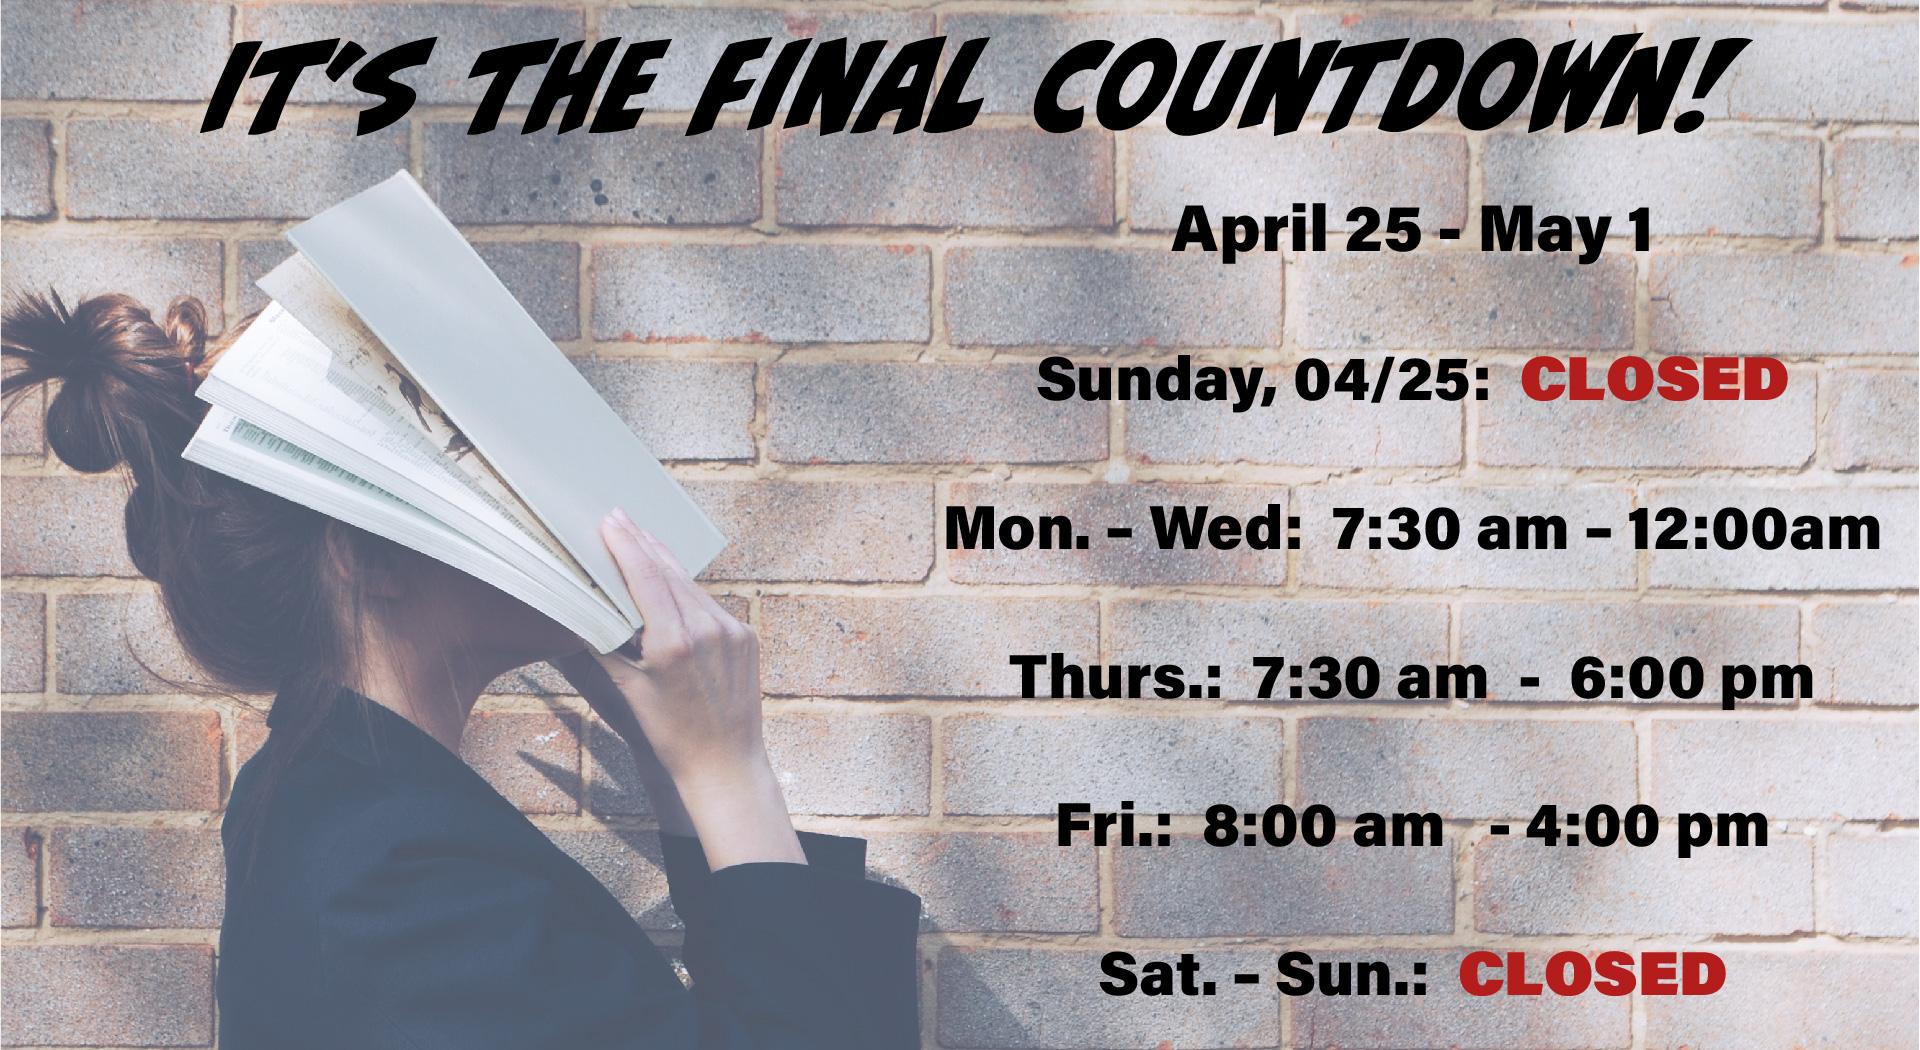 Final Countdown -- Finals Week